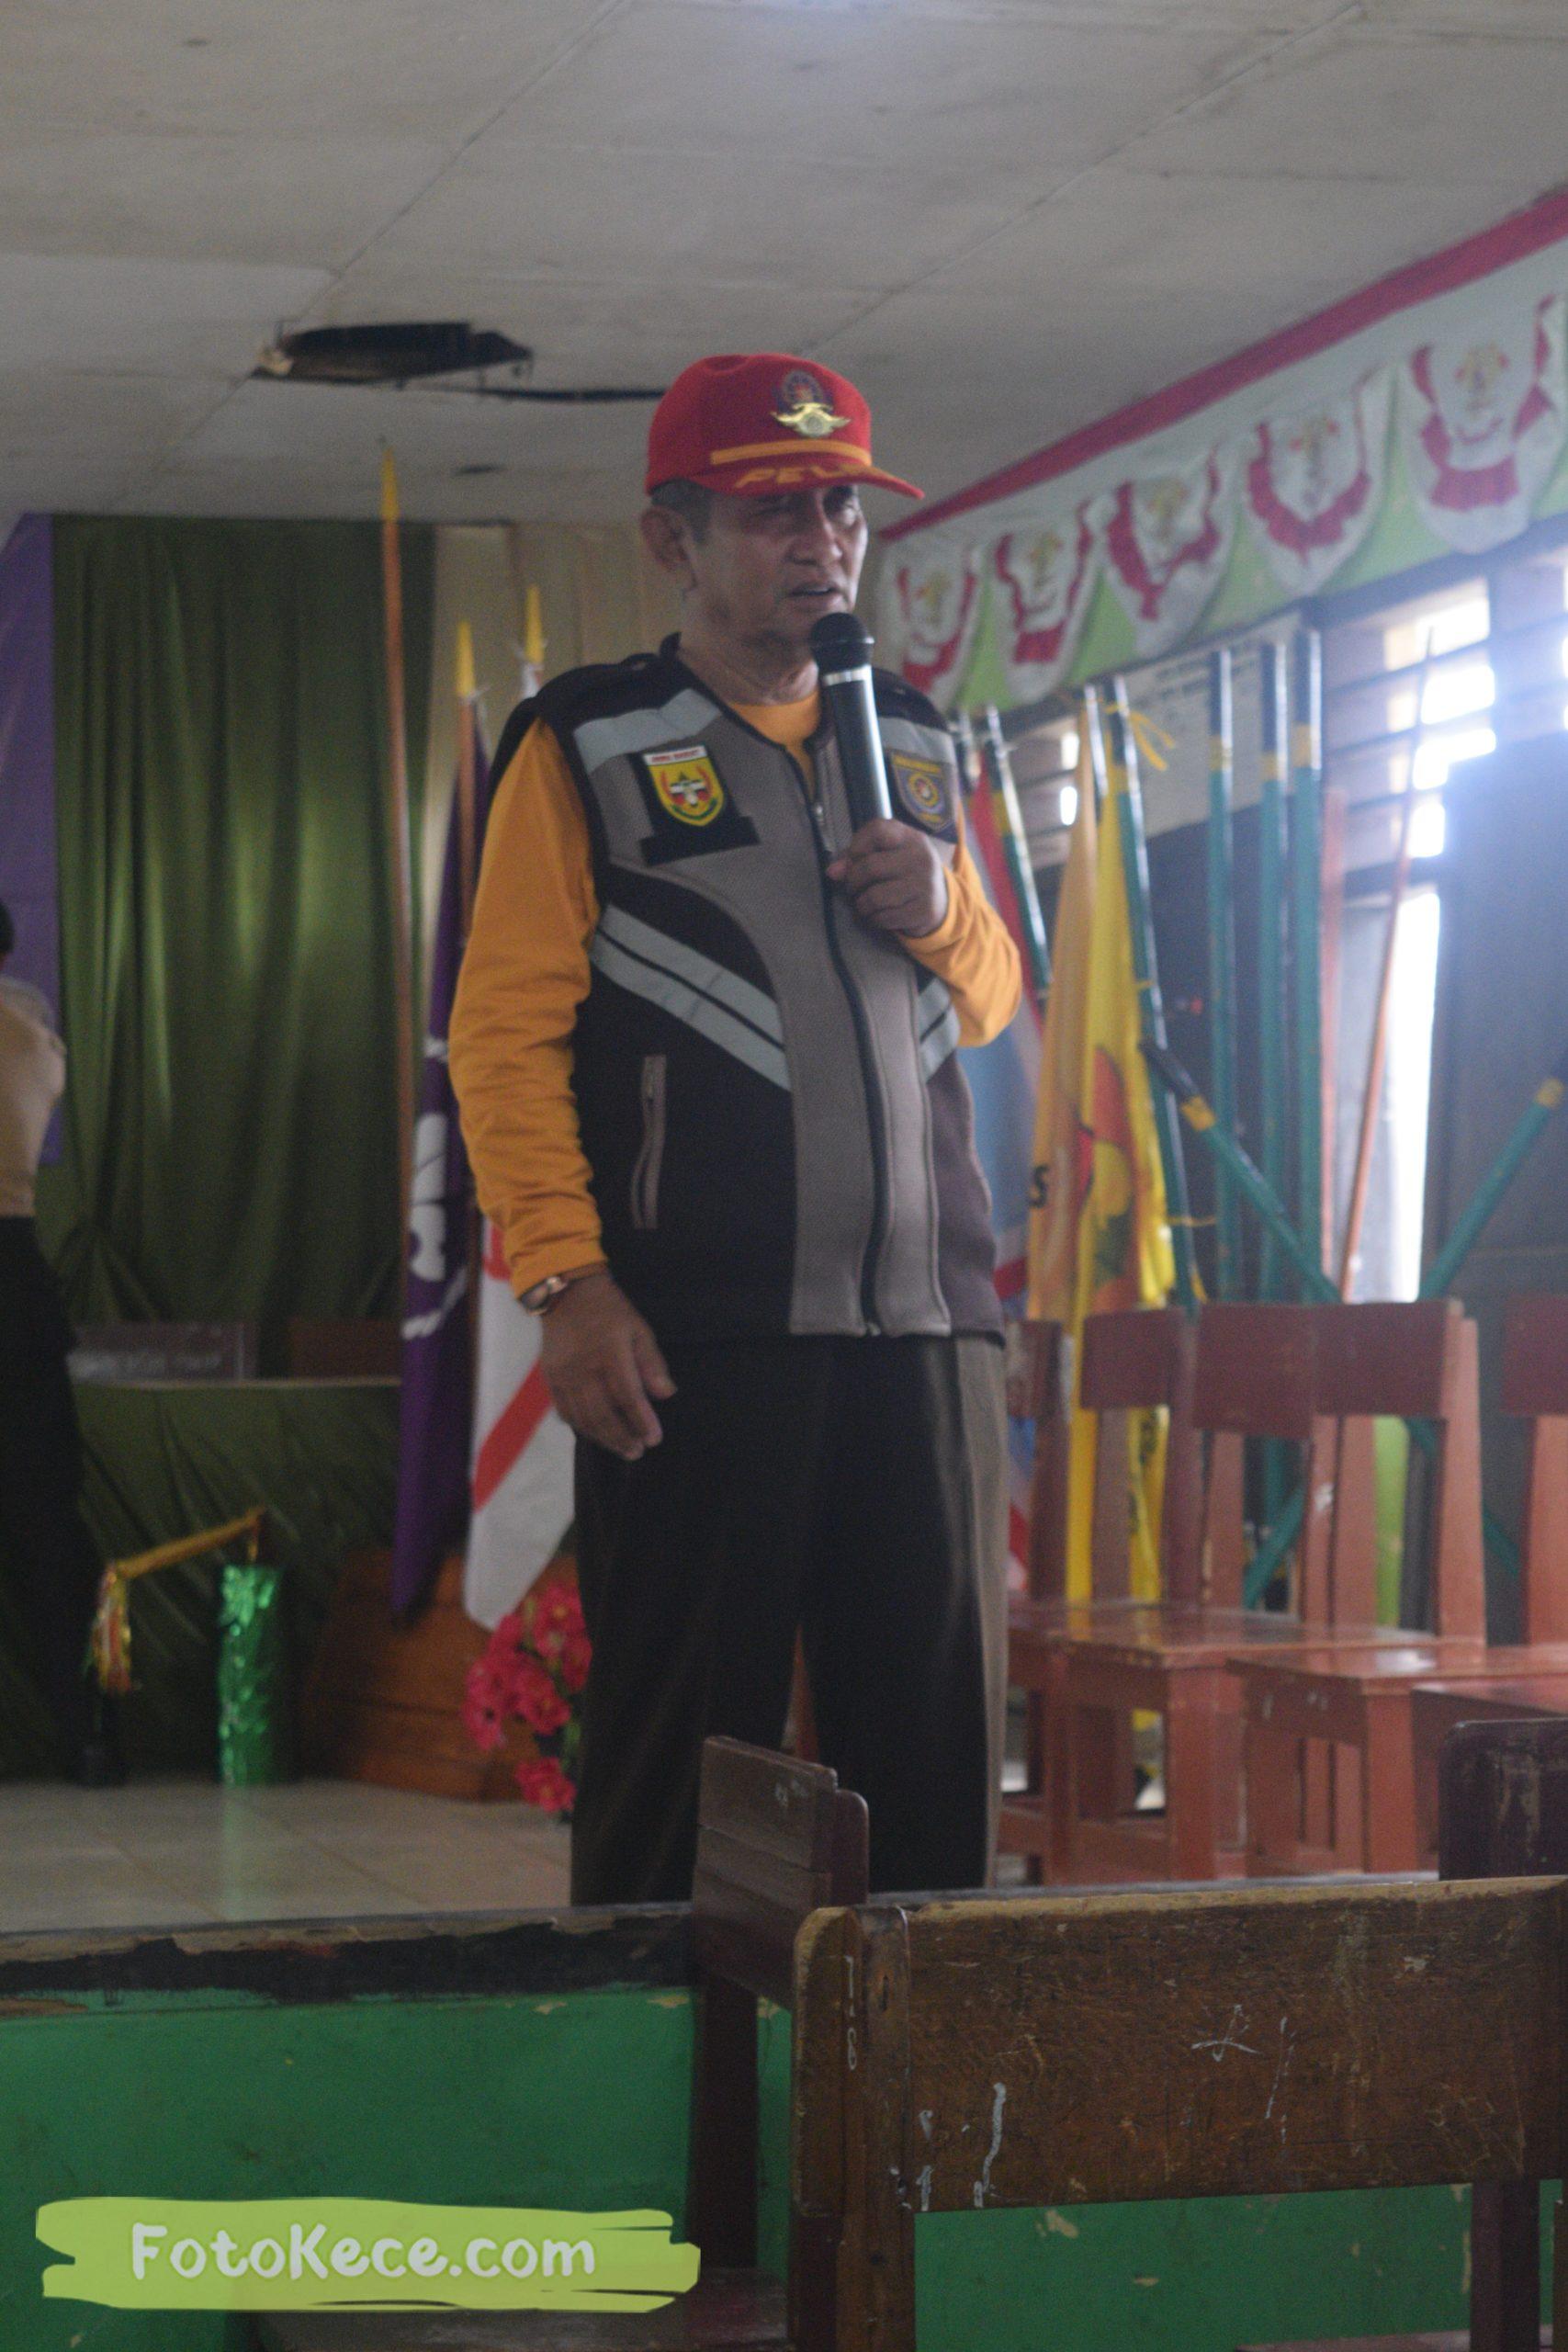 indoor kursus pembina mahir tingkat dasar kmd kwartir ranting surade 2019 fotokece Des 2019 46 scaled